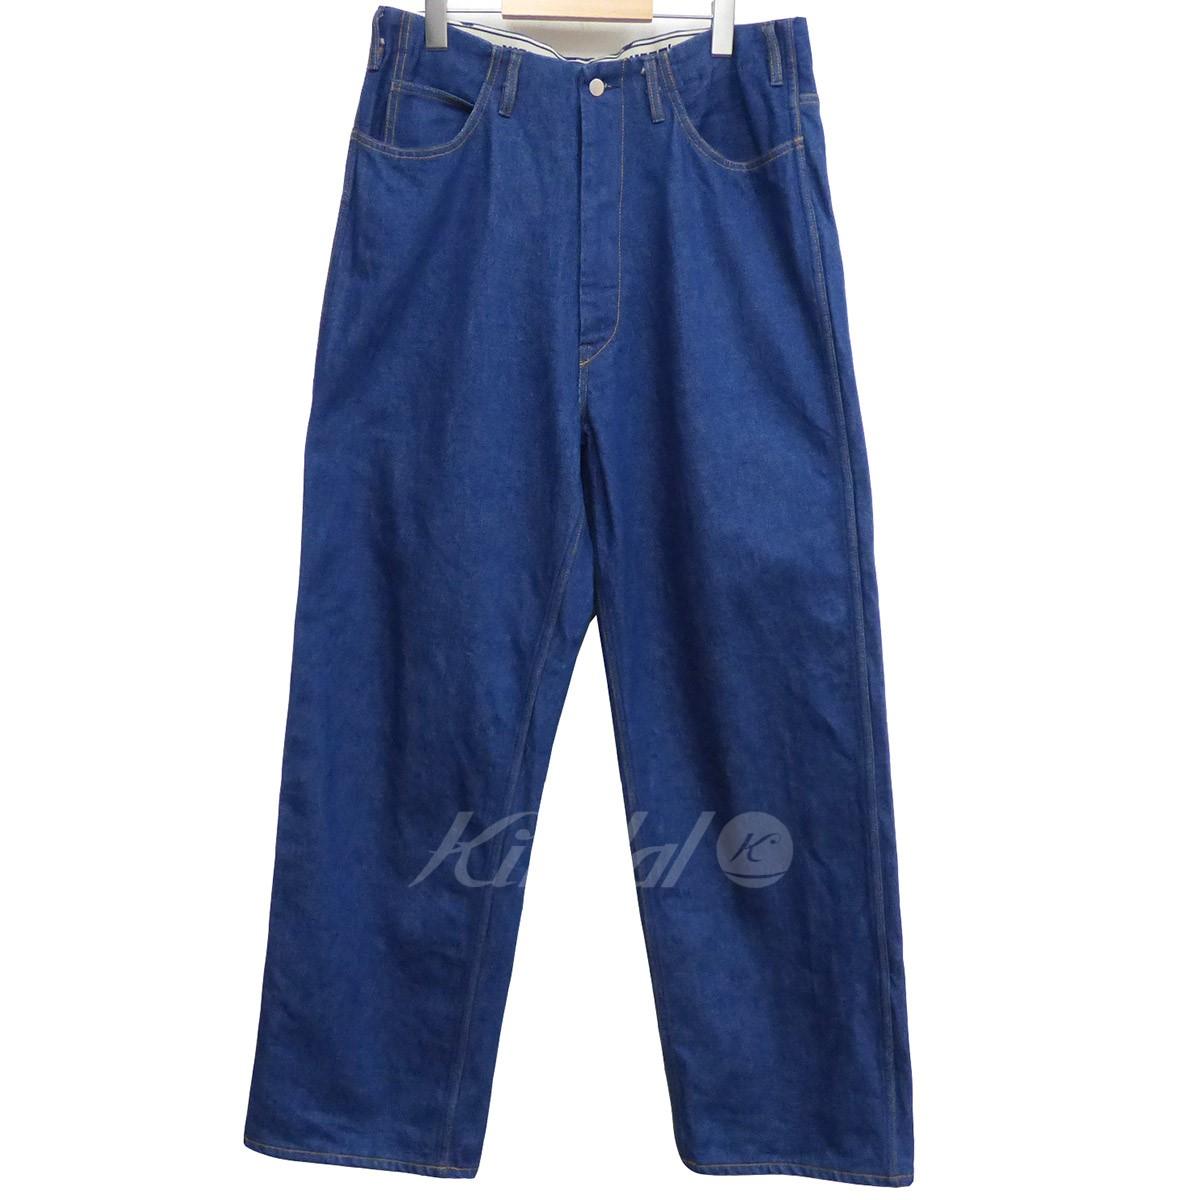 【中古】WESTOVERALLS 17AW 803W Denim Wide Pants One Washワンウォッシュワイドデニム インディゴ サイズ:32(86cm) 【送料無料】 【080419】(ウエストオーバーオールズ)